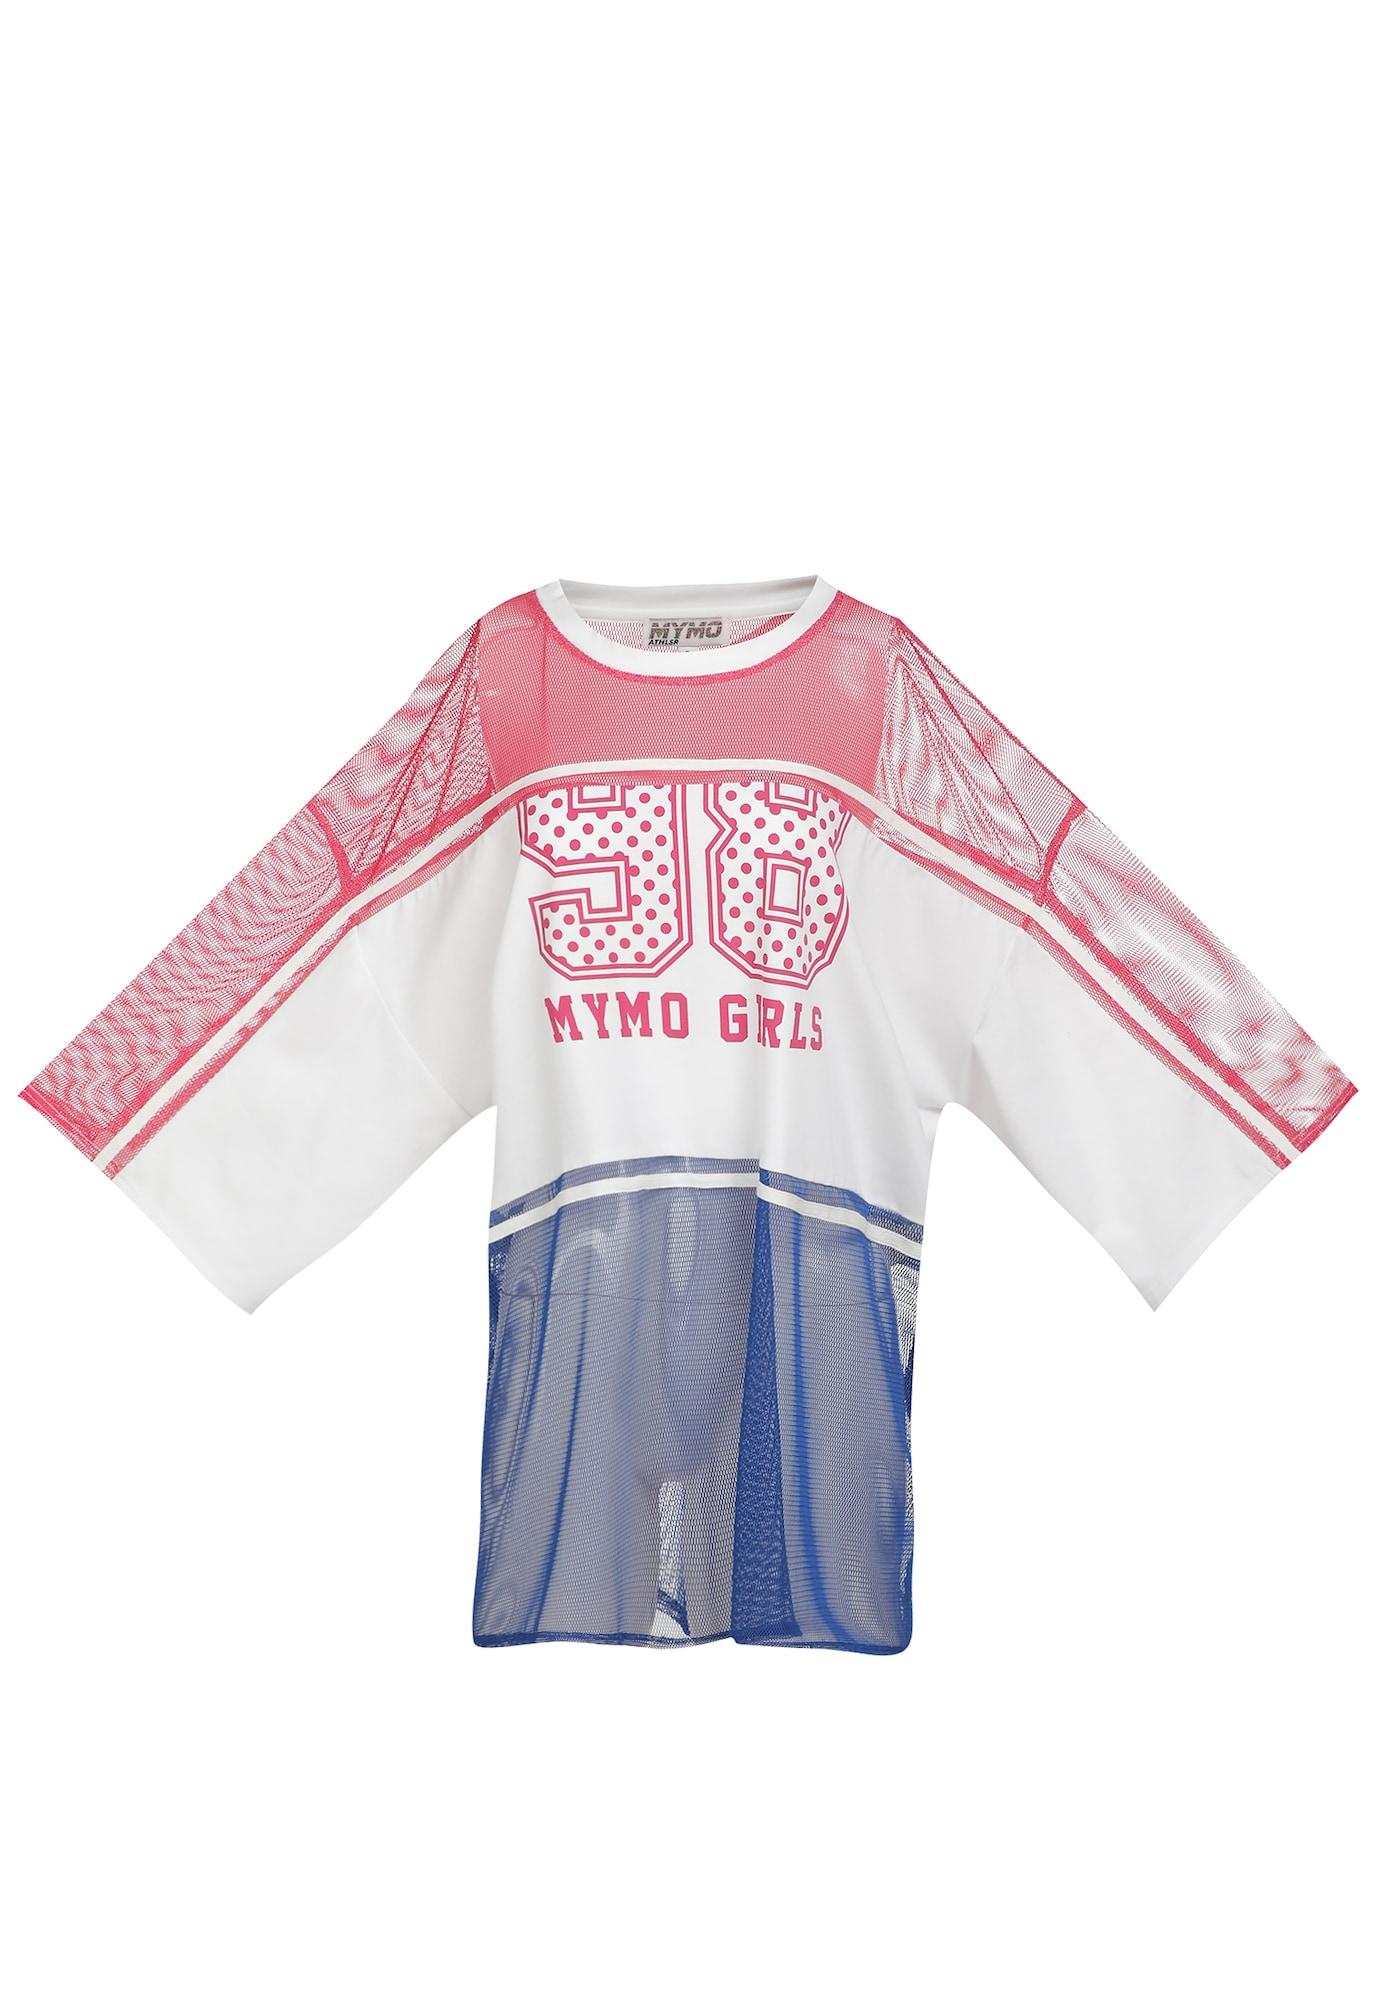 myMo ATHLSR Sportiniai marškinėliai natūrali balta / mėlyna / pitajų spalva / rožinė